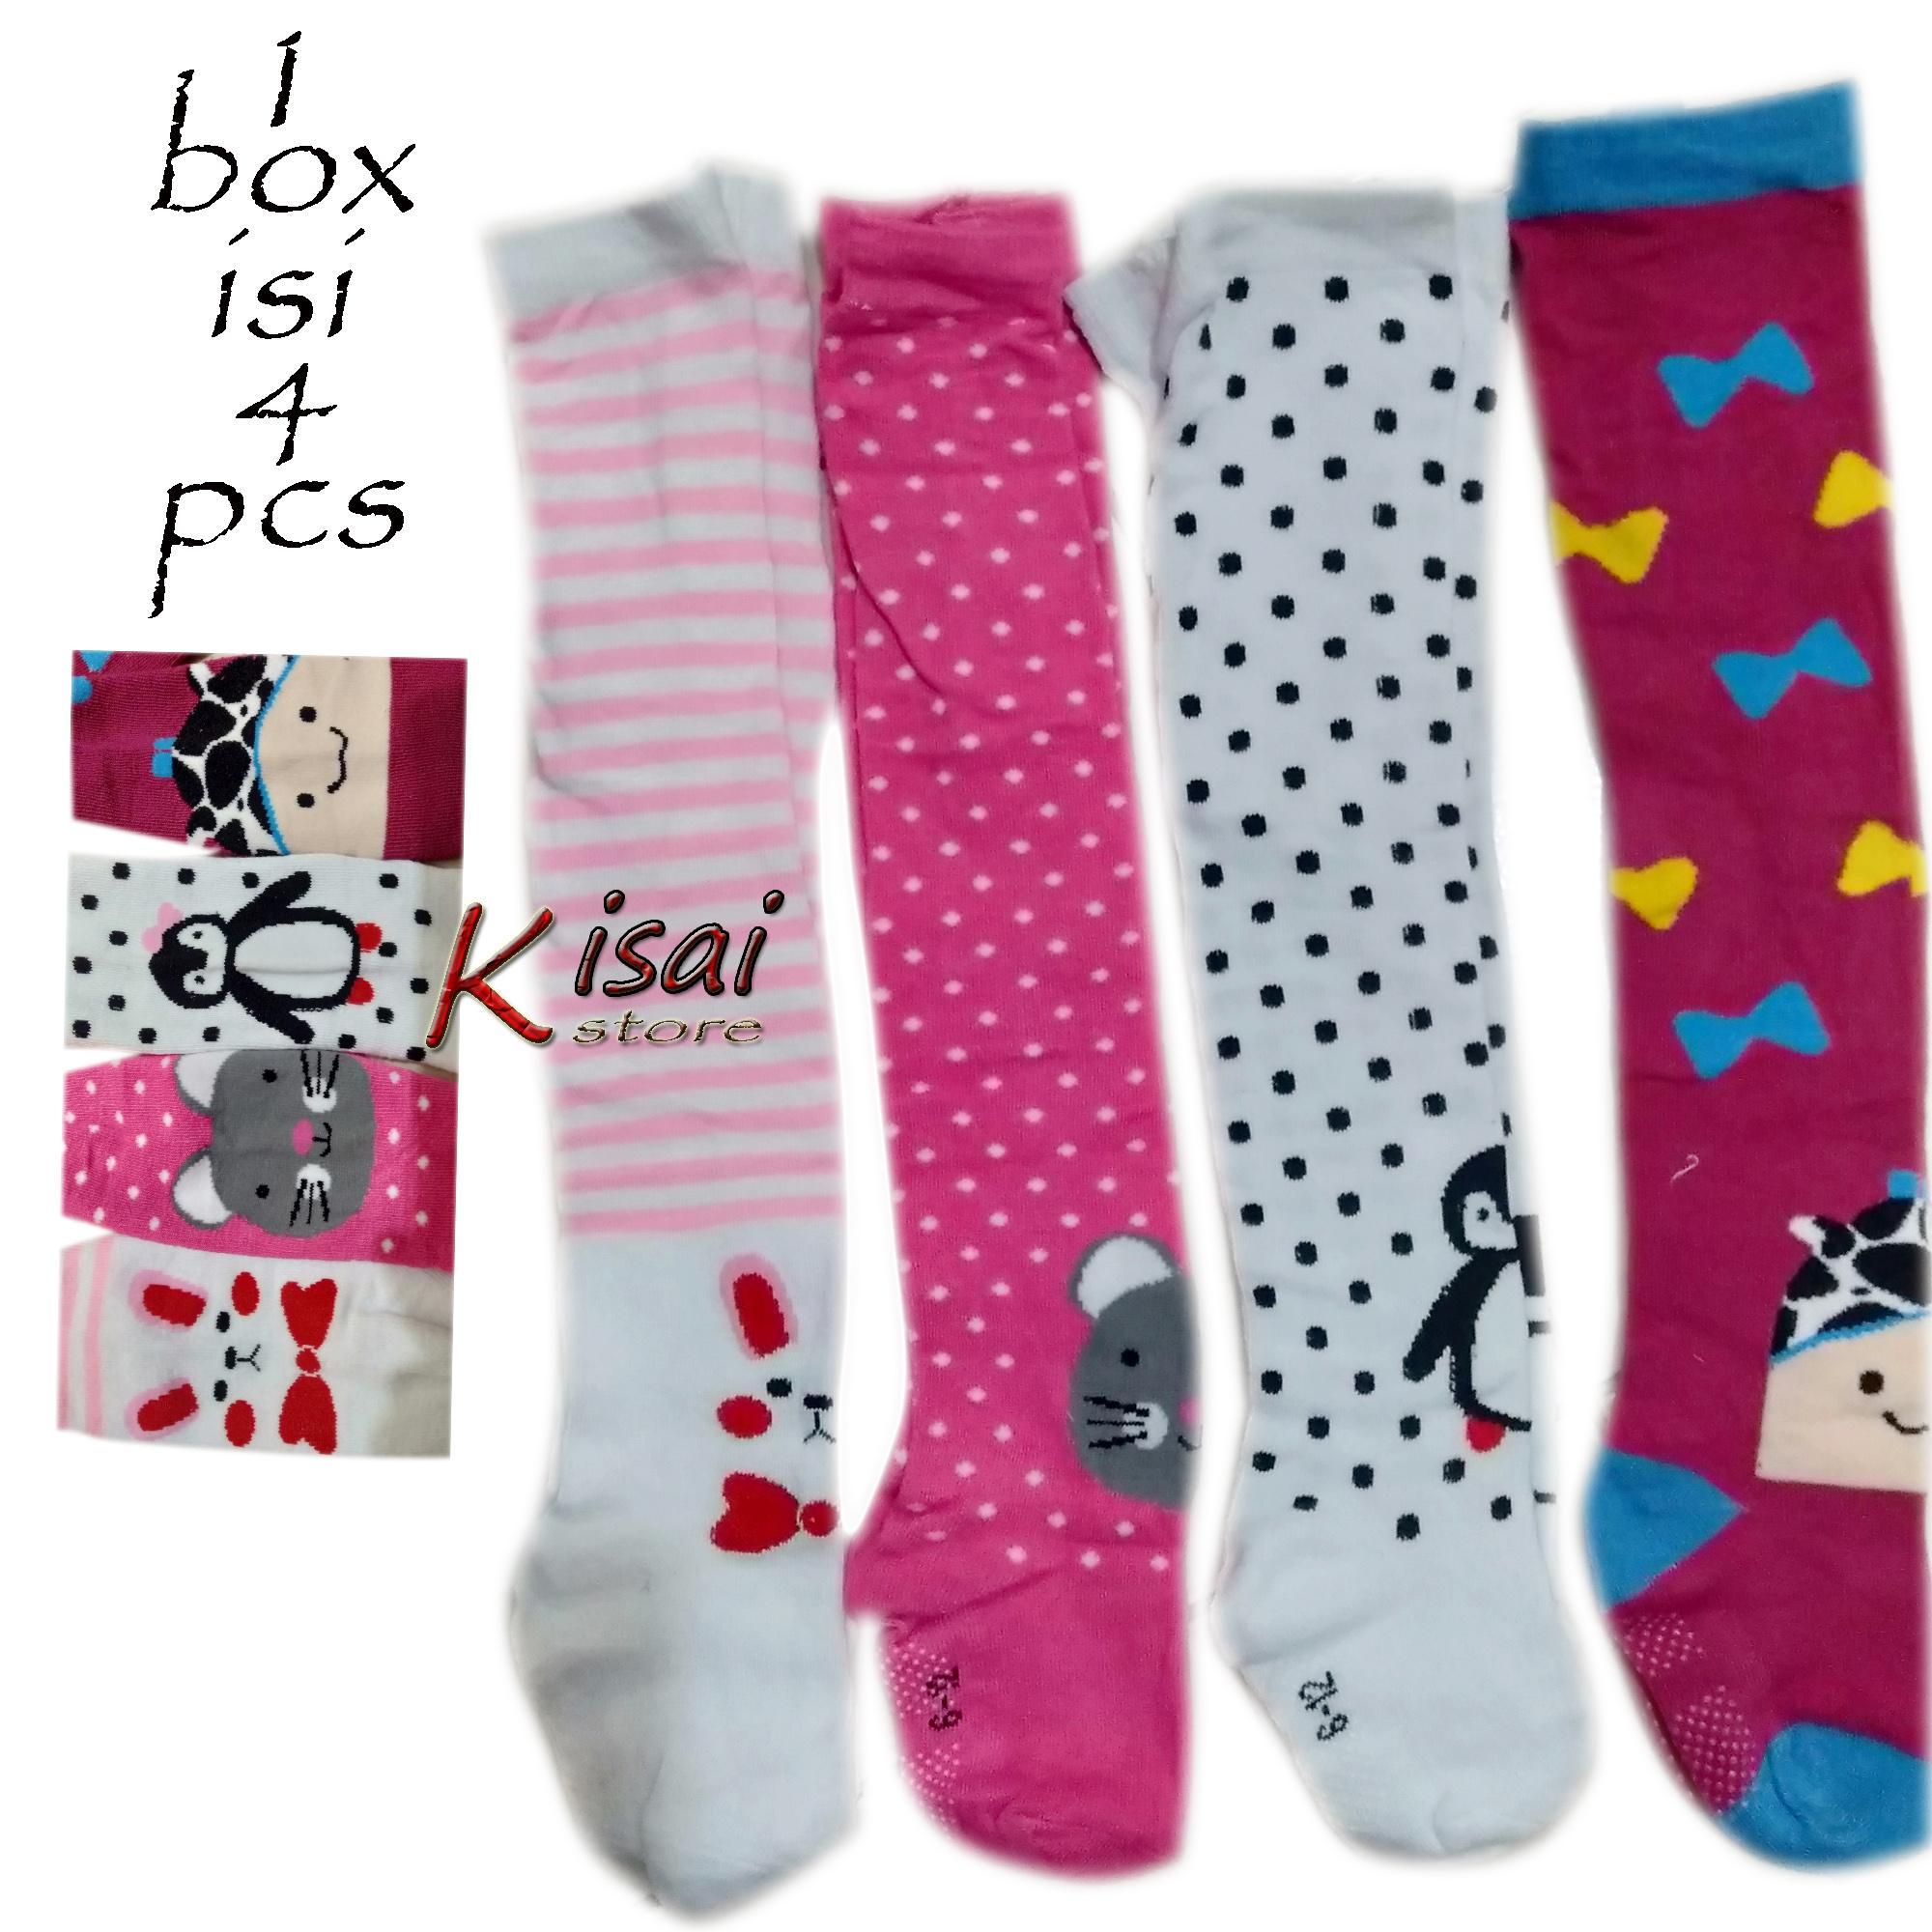 4pcs Legging Bayi Perempuan 6-12 Months - Cotton Rich Tights Comfort Motif - Legging Bayi Perempuan Random Warna Dan Motif - Legging Bayi - Garga Grosir By Kisai Store.